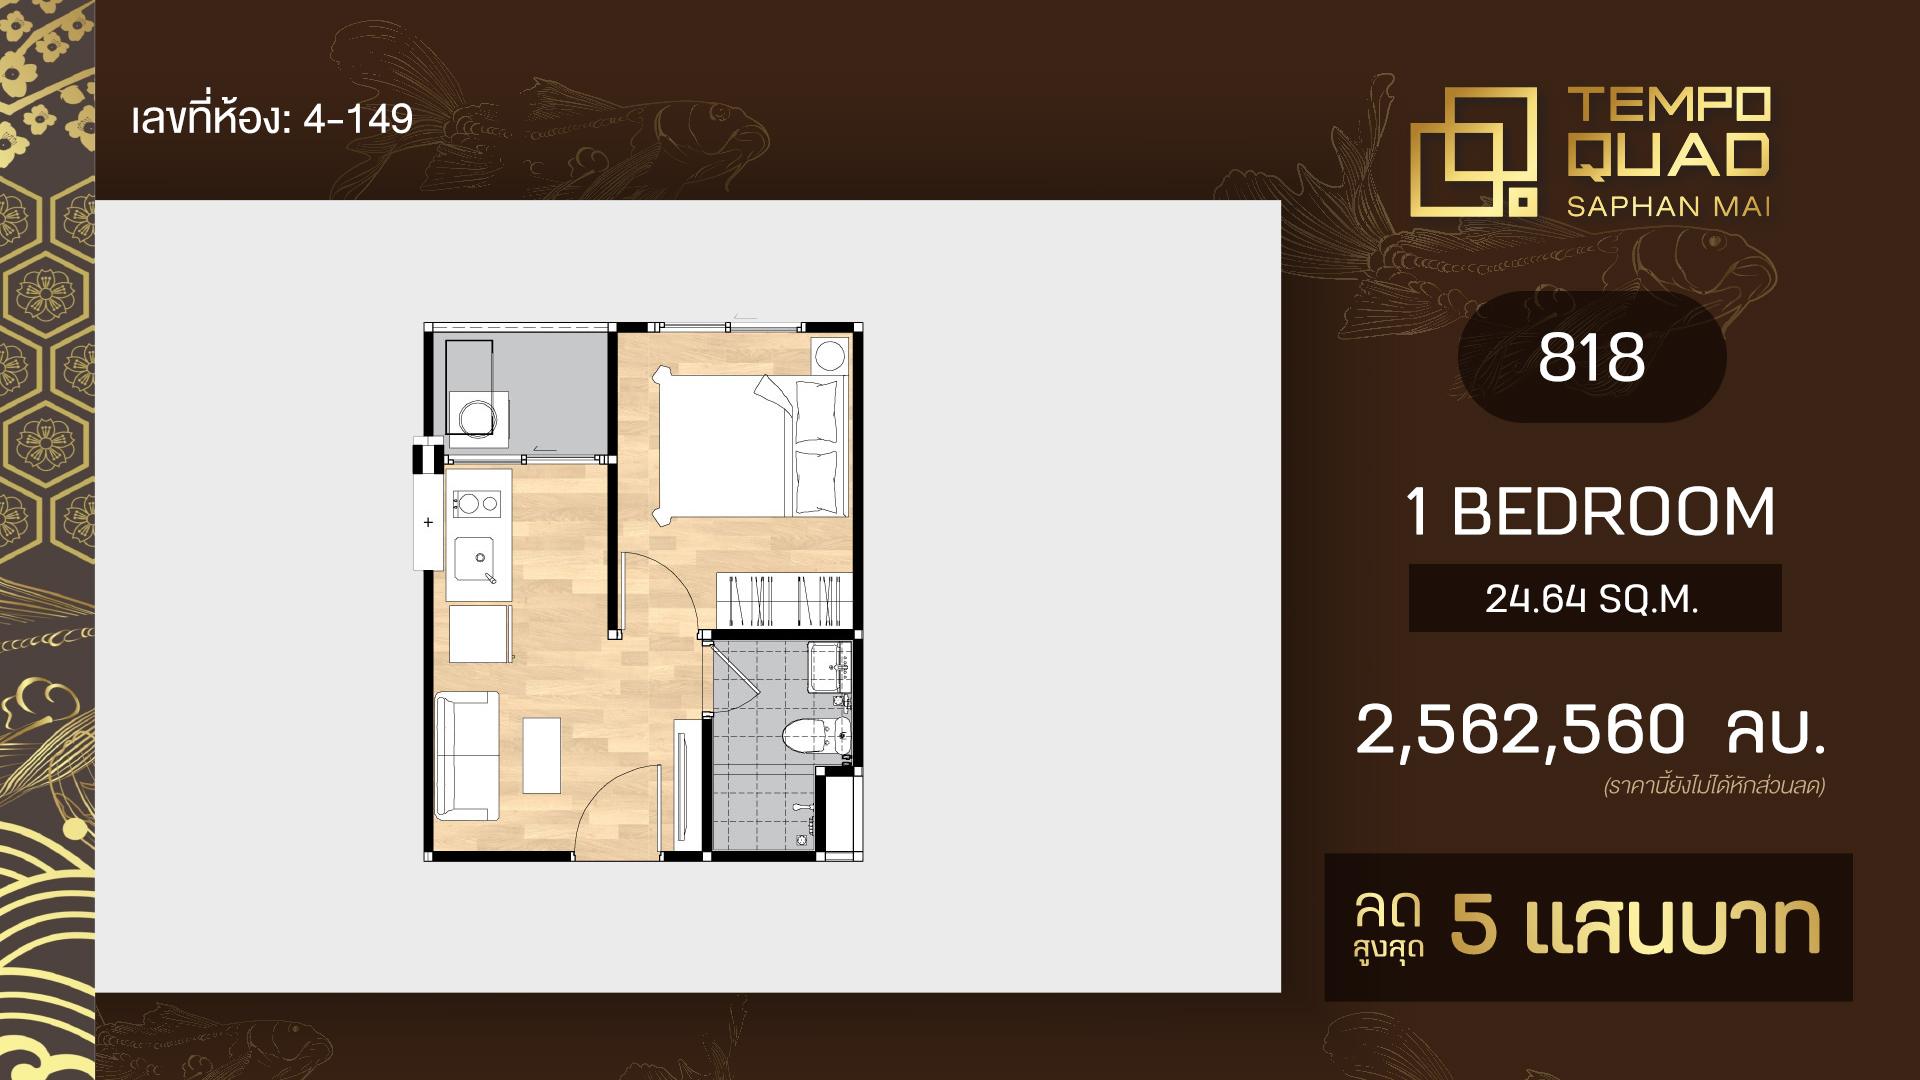 คอนโด 1 ห้องนอน ยูนิต 818